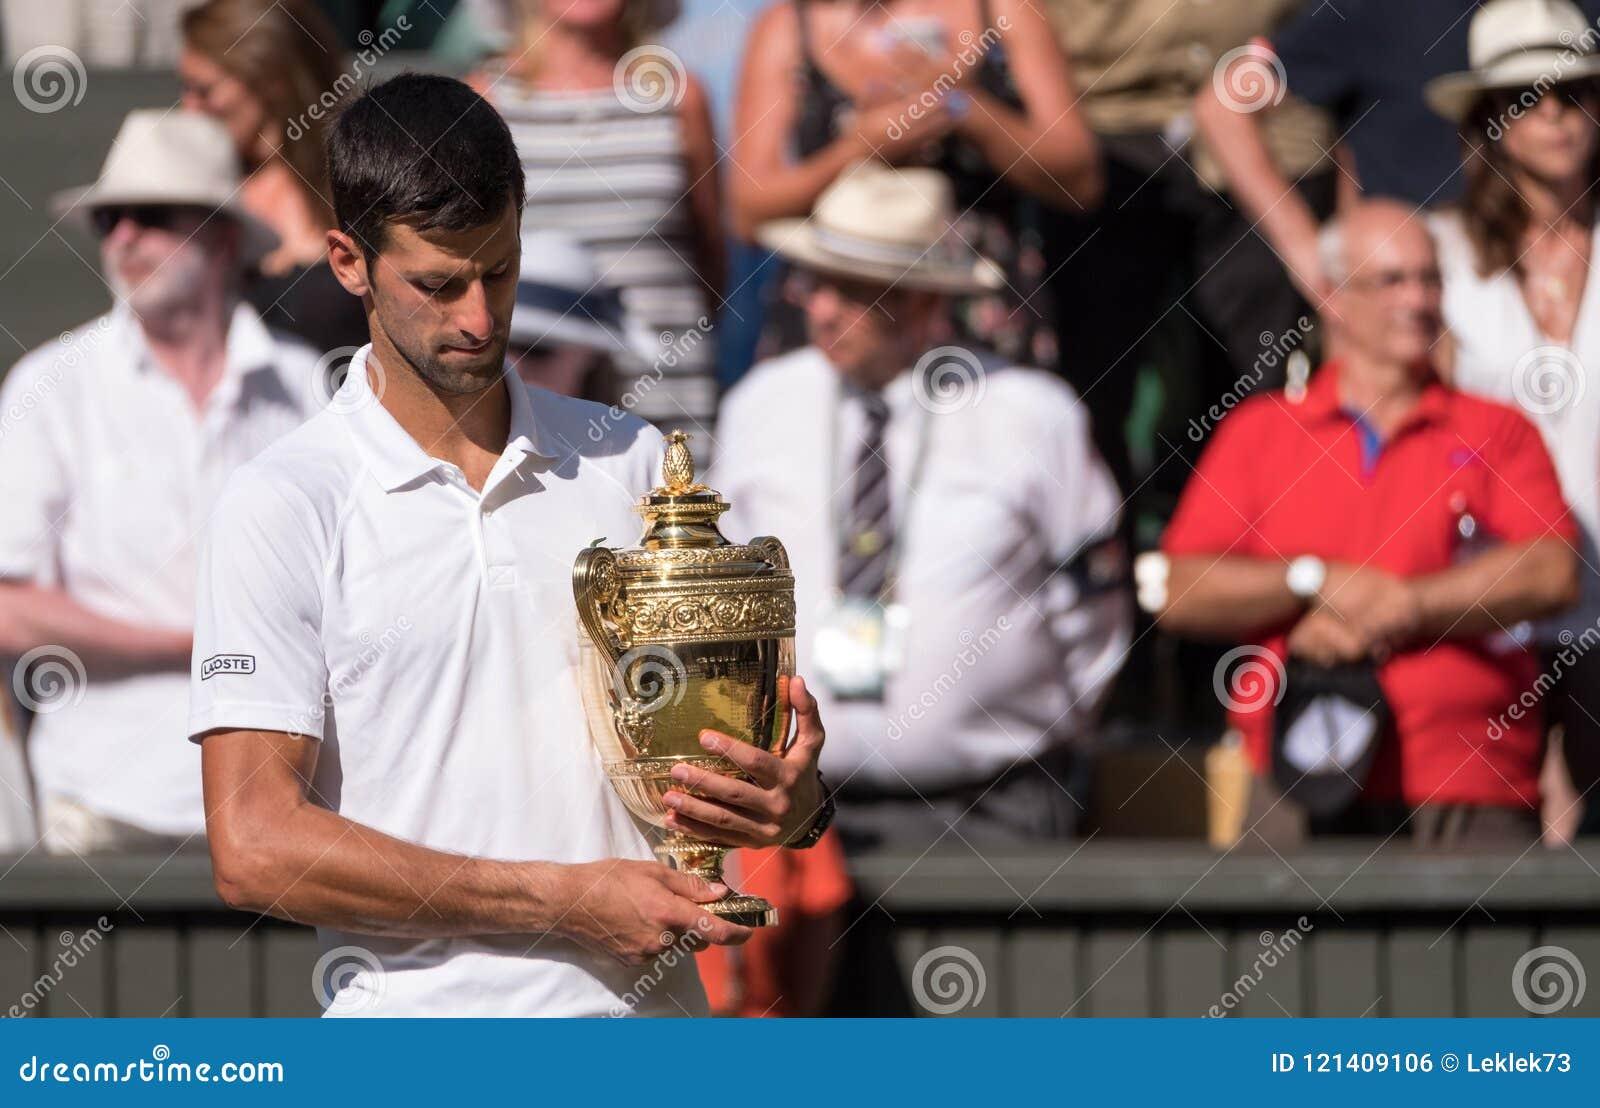 Novac Djokovic, giocatore serbo, vince Wimbledon per la quarta volta Nella foto tiene il trofeo sulla corte del centro